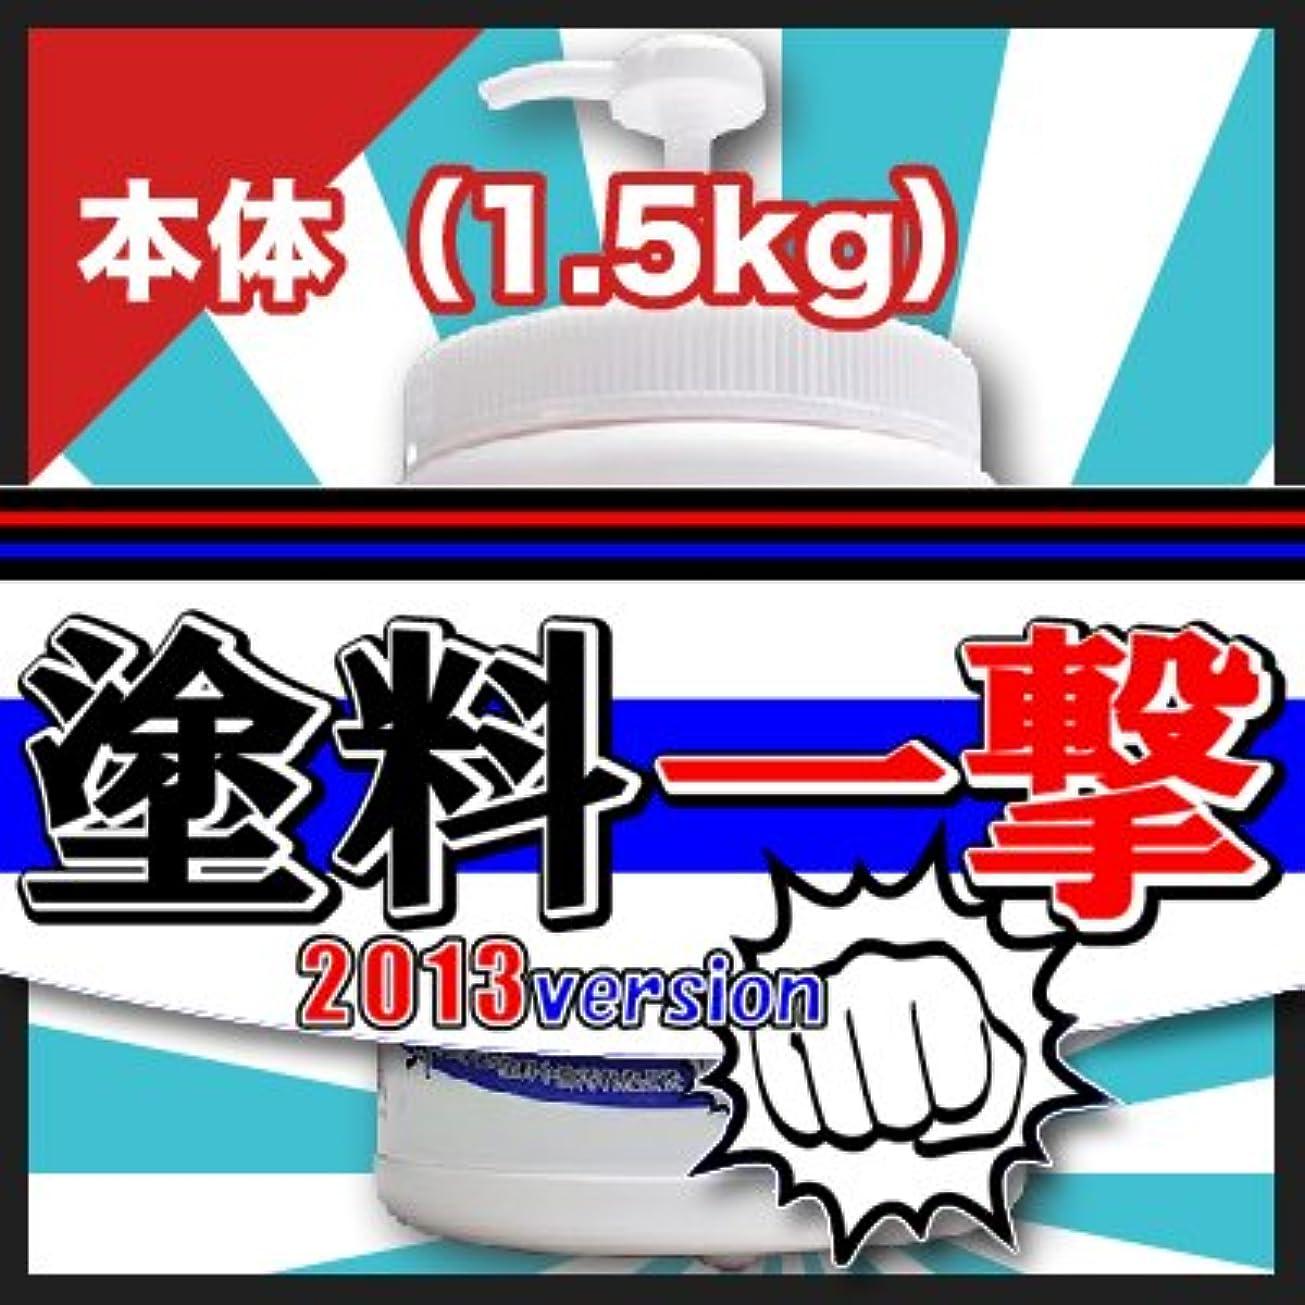 悪化させるエゴマニア単語D.Iプランニング 塗料一撃 2013 Version 本体 (1.5kg)